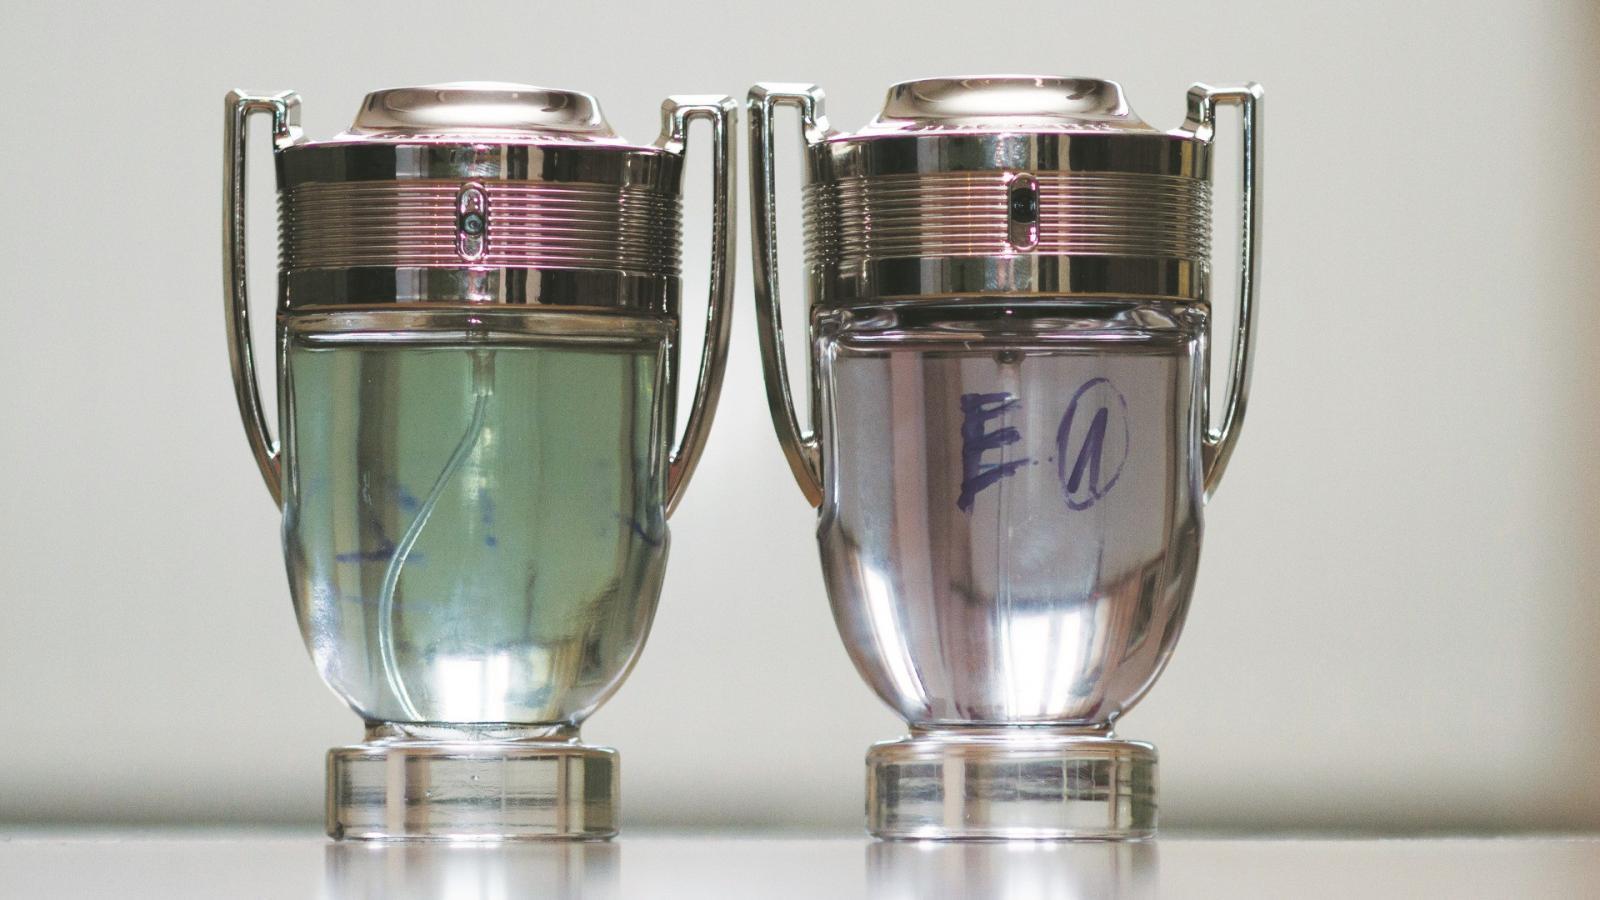 Népszava Hamisnak tűnő parfümöket árverezett el a NAV a1dd943678